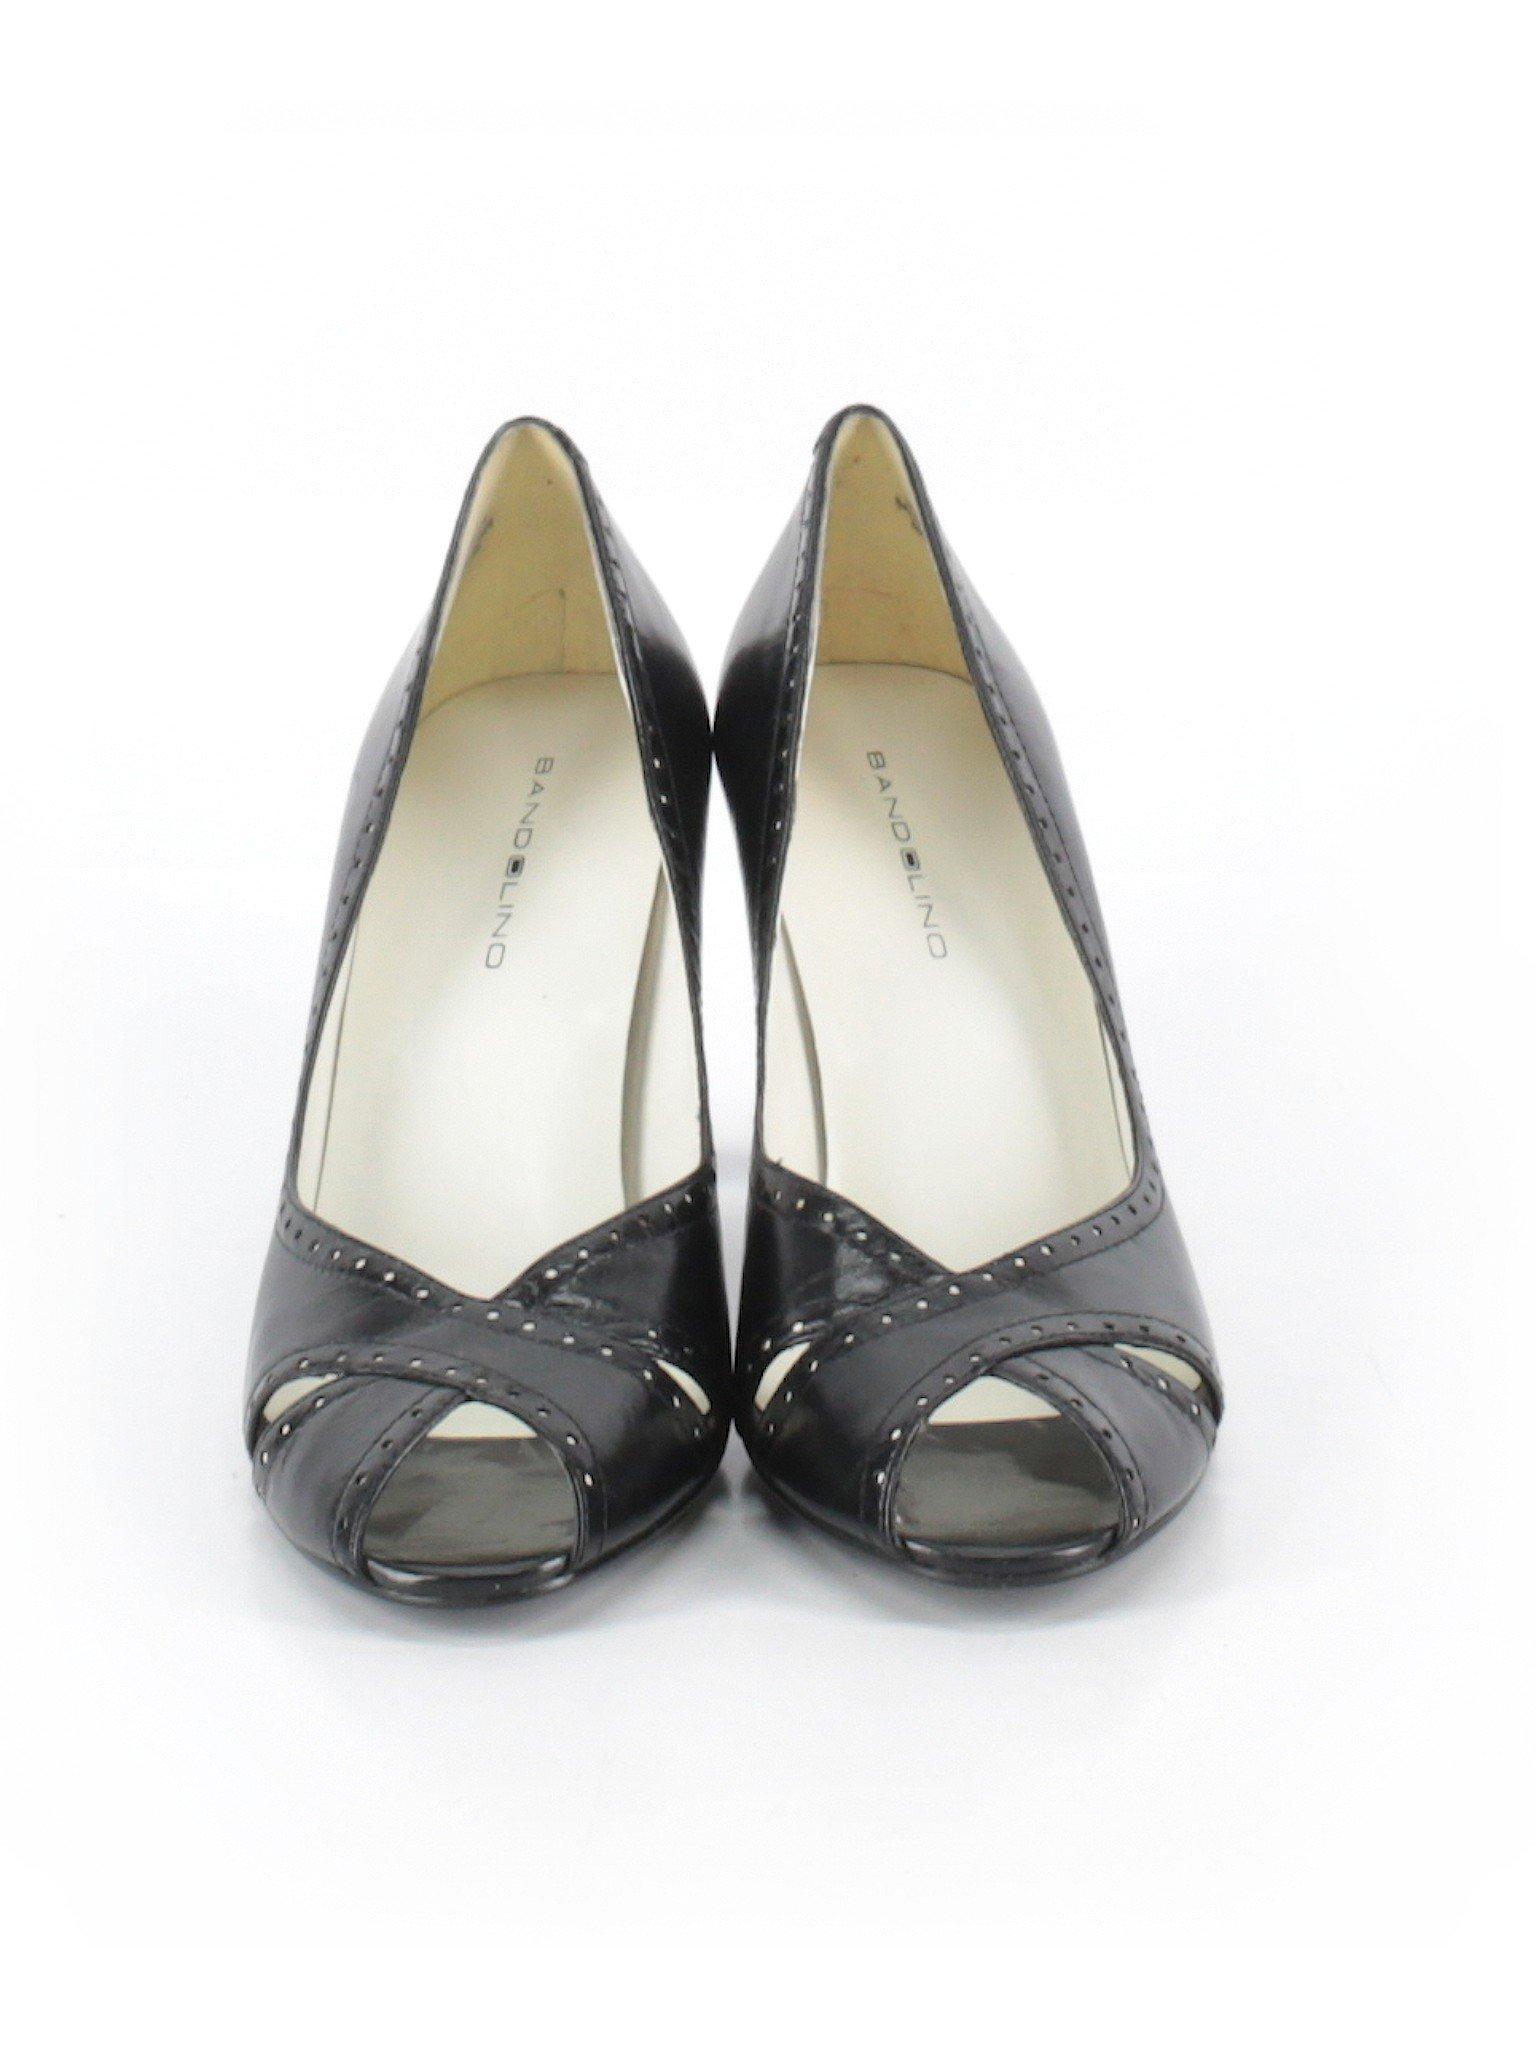 promotion Heels Bandolino Heels Boutique Boutique Heels Boutique Bandolino promotion promotion Bandolino Ha8H1qwgx